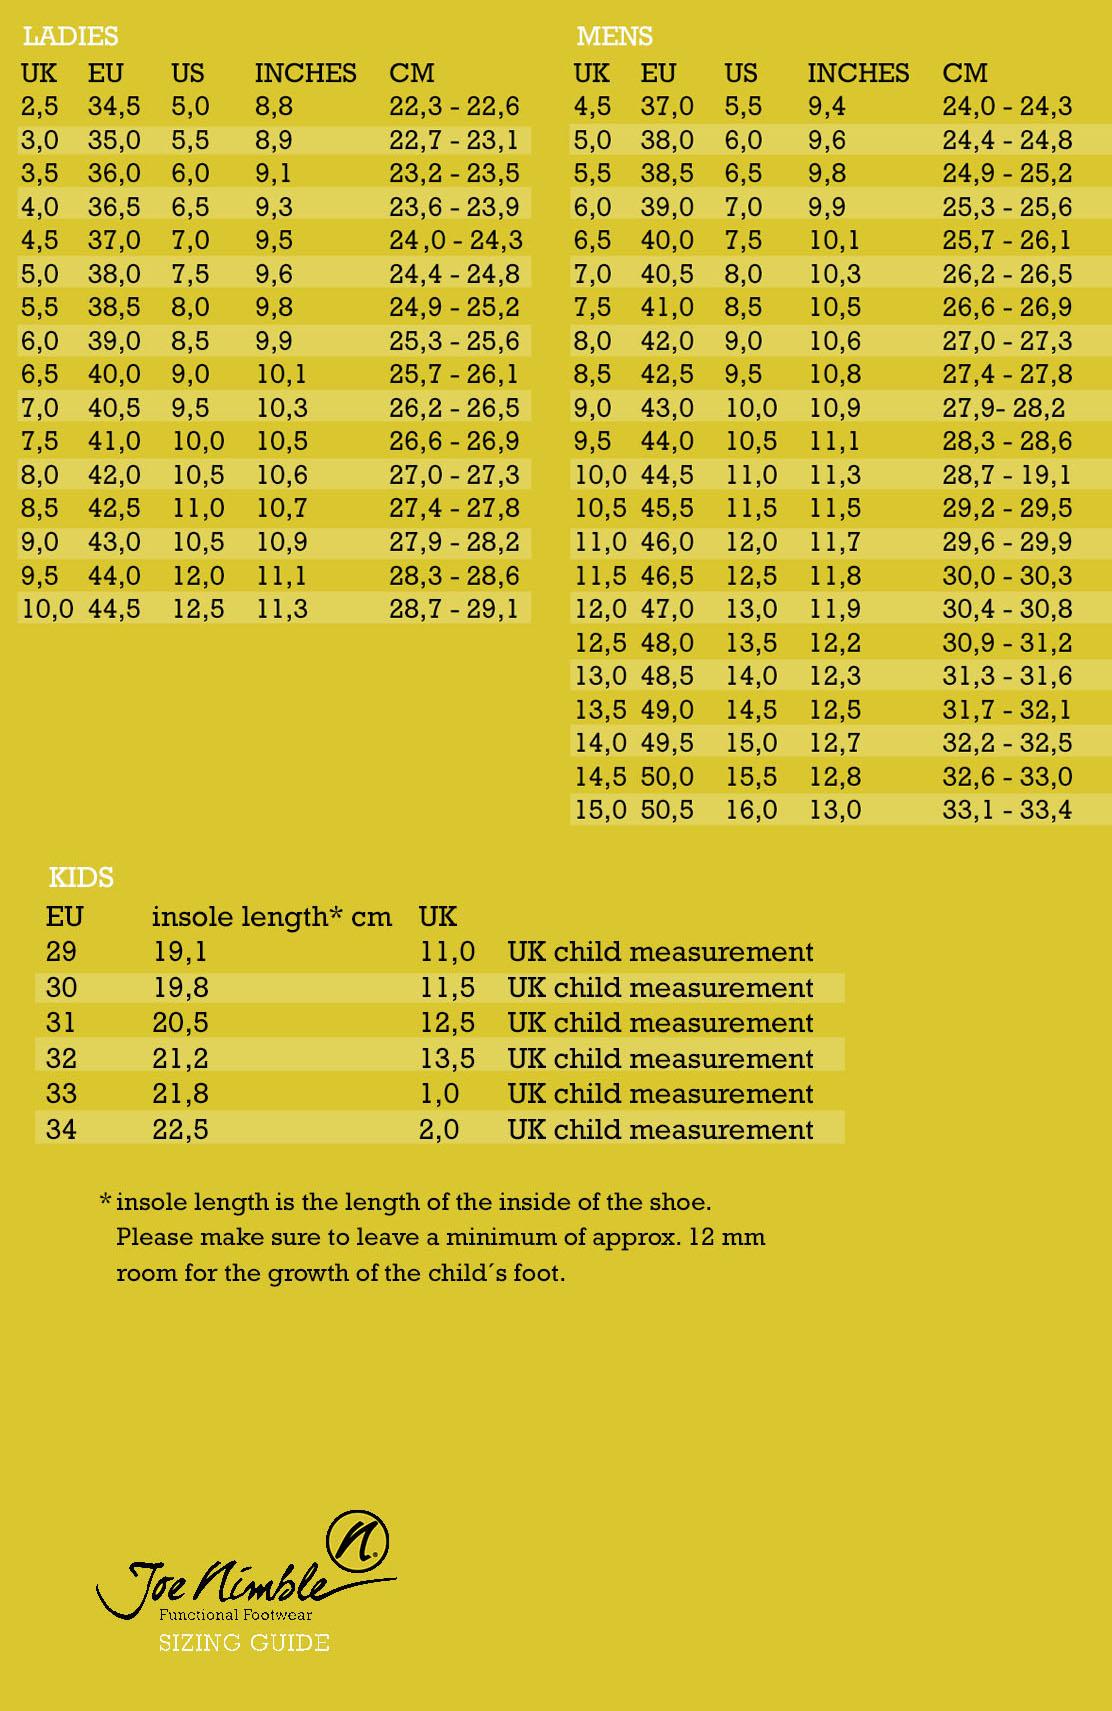 Shoe size chart for men & women